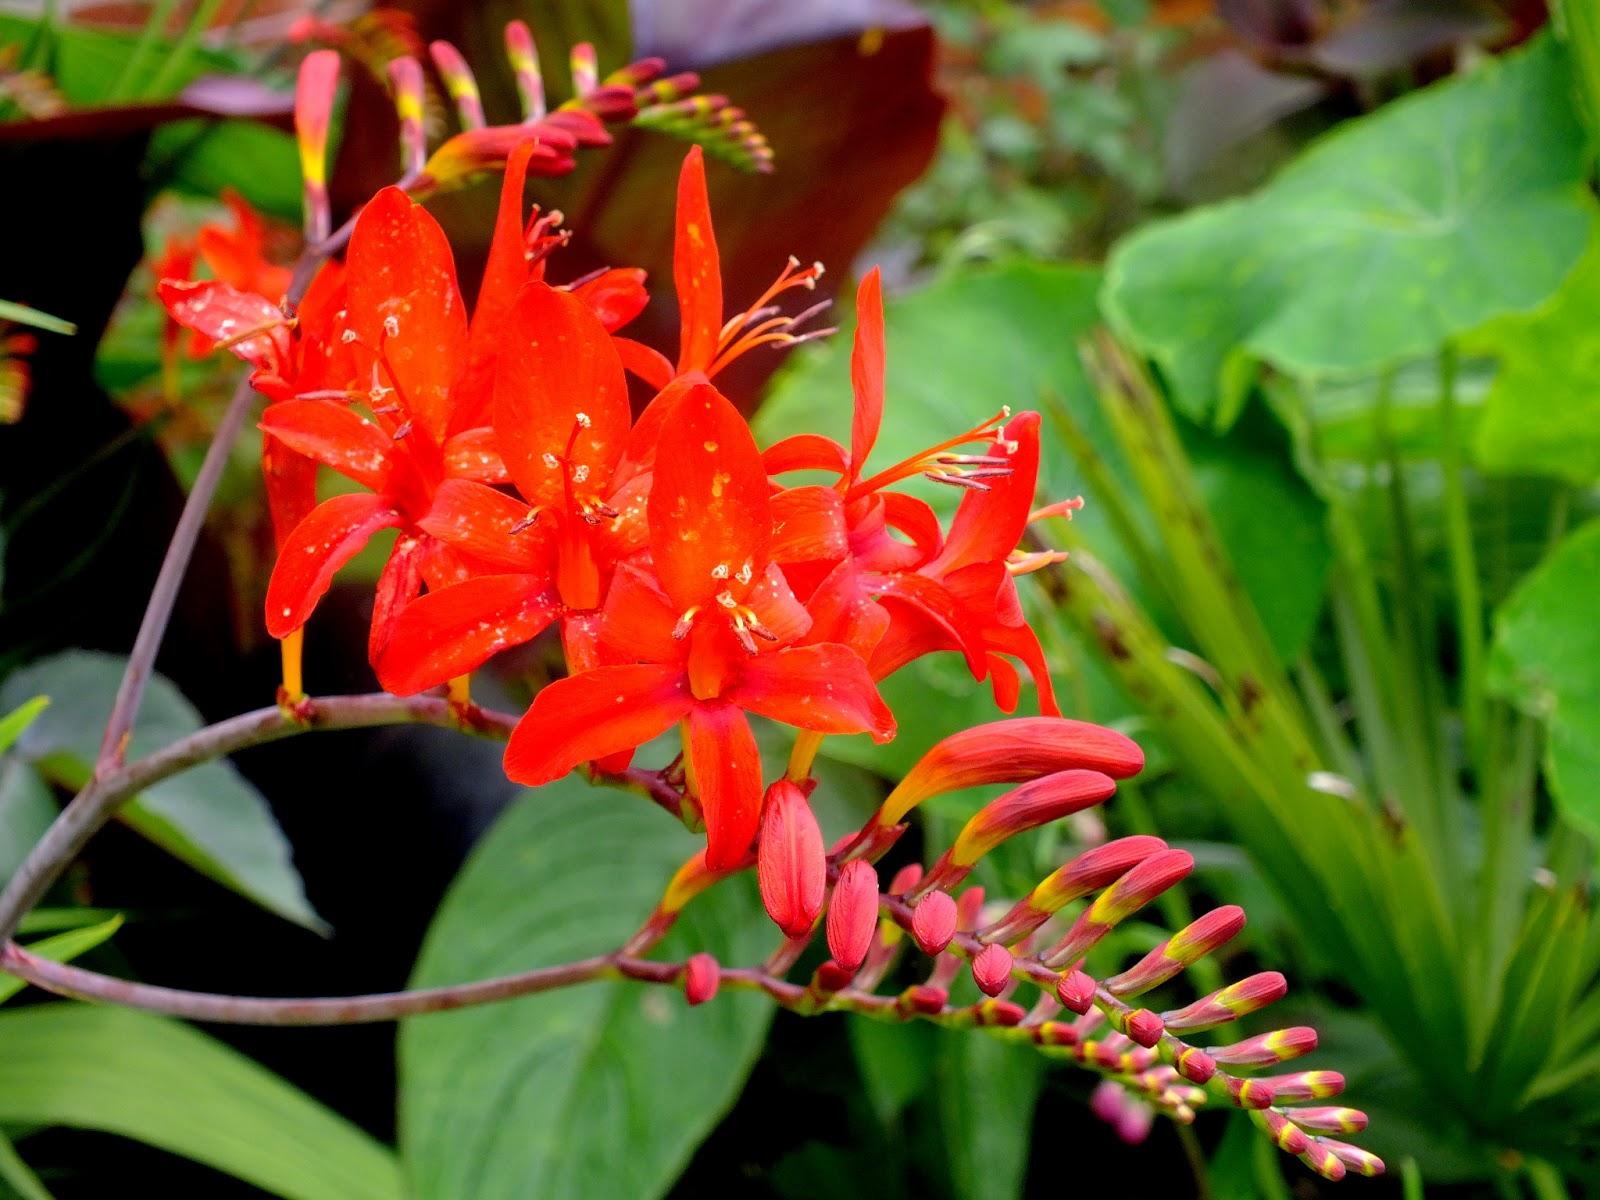 piekny kolorowy kwiatek, roślina